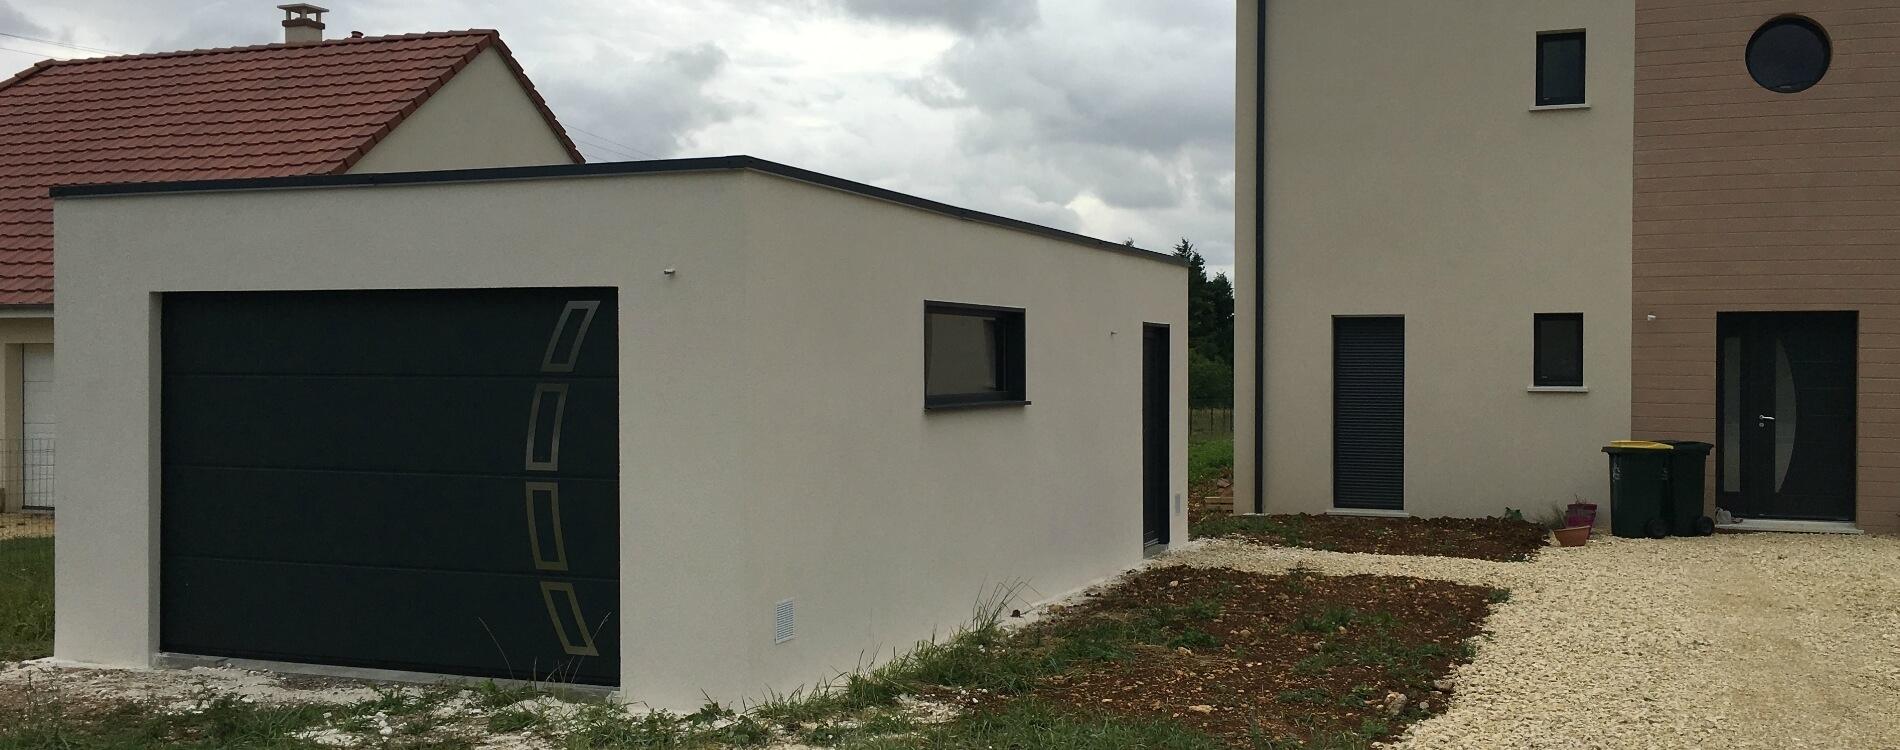 Abridis, Doizon, Spécialiste Des Annexes De Jardin - Nantes ... destiné Abri De Jardin 15M2 Pas Cher